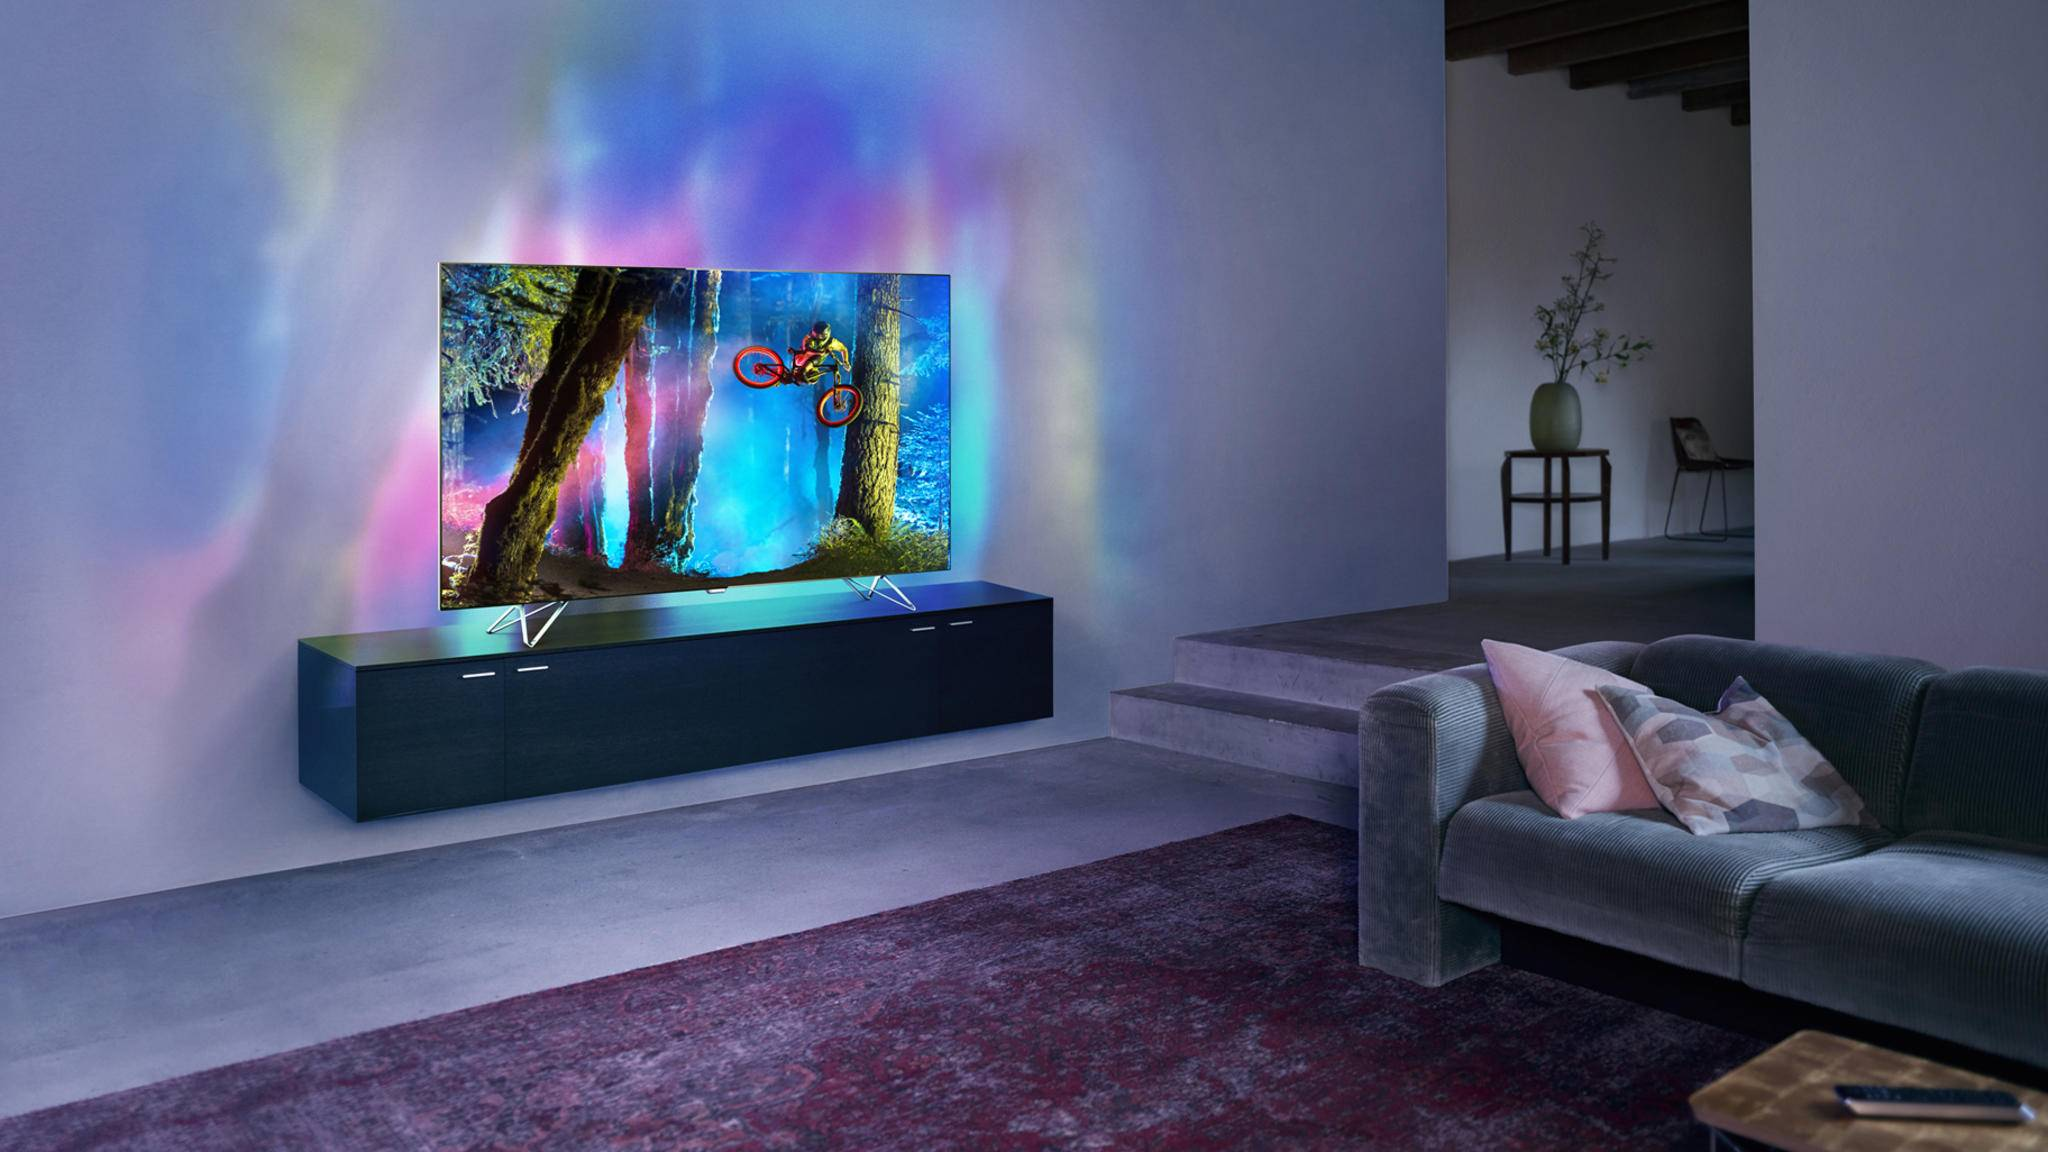 Eine kabellose Verbindung zwischen Laptop und TV ist besonders komfortabel.